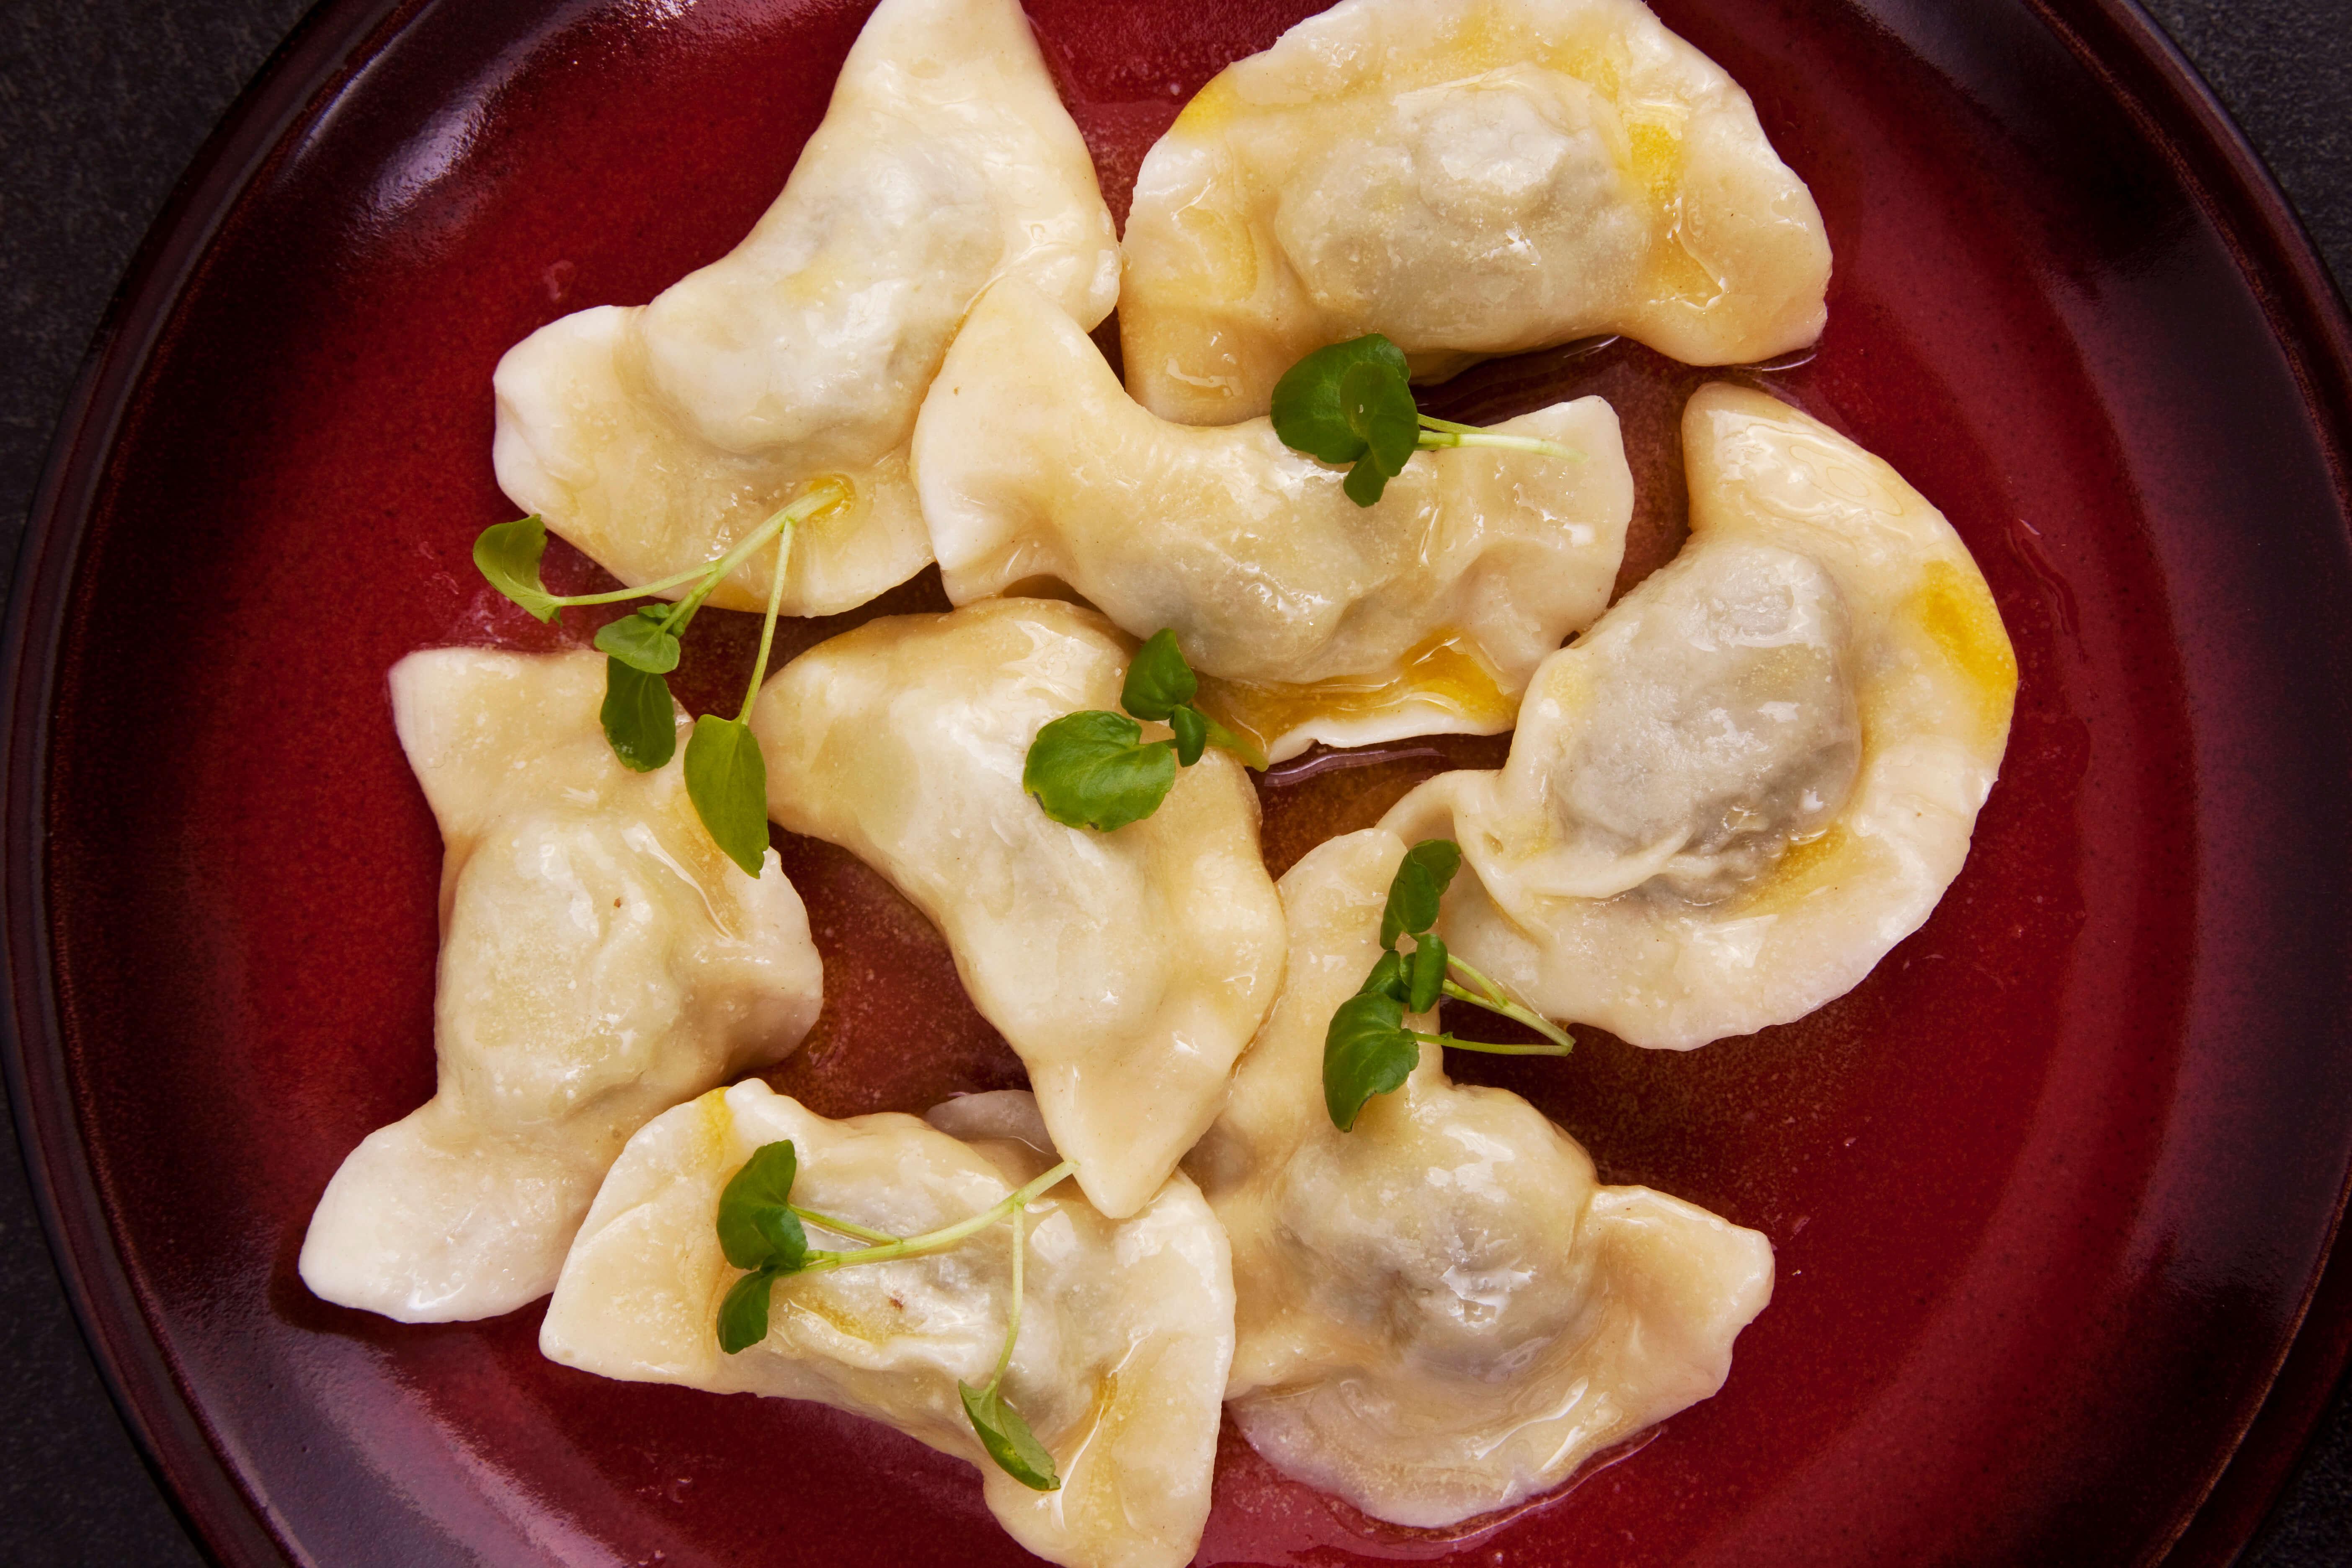 dumplings 2 - DUMPLINGS!